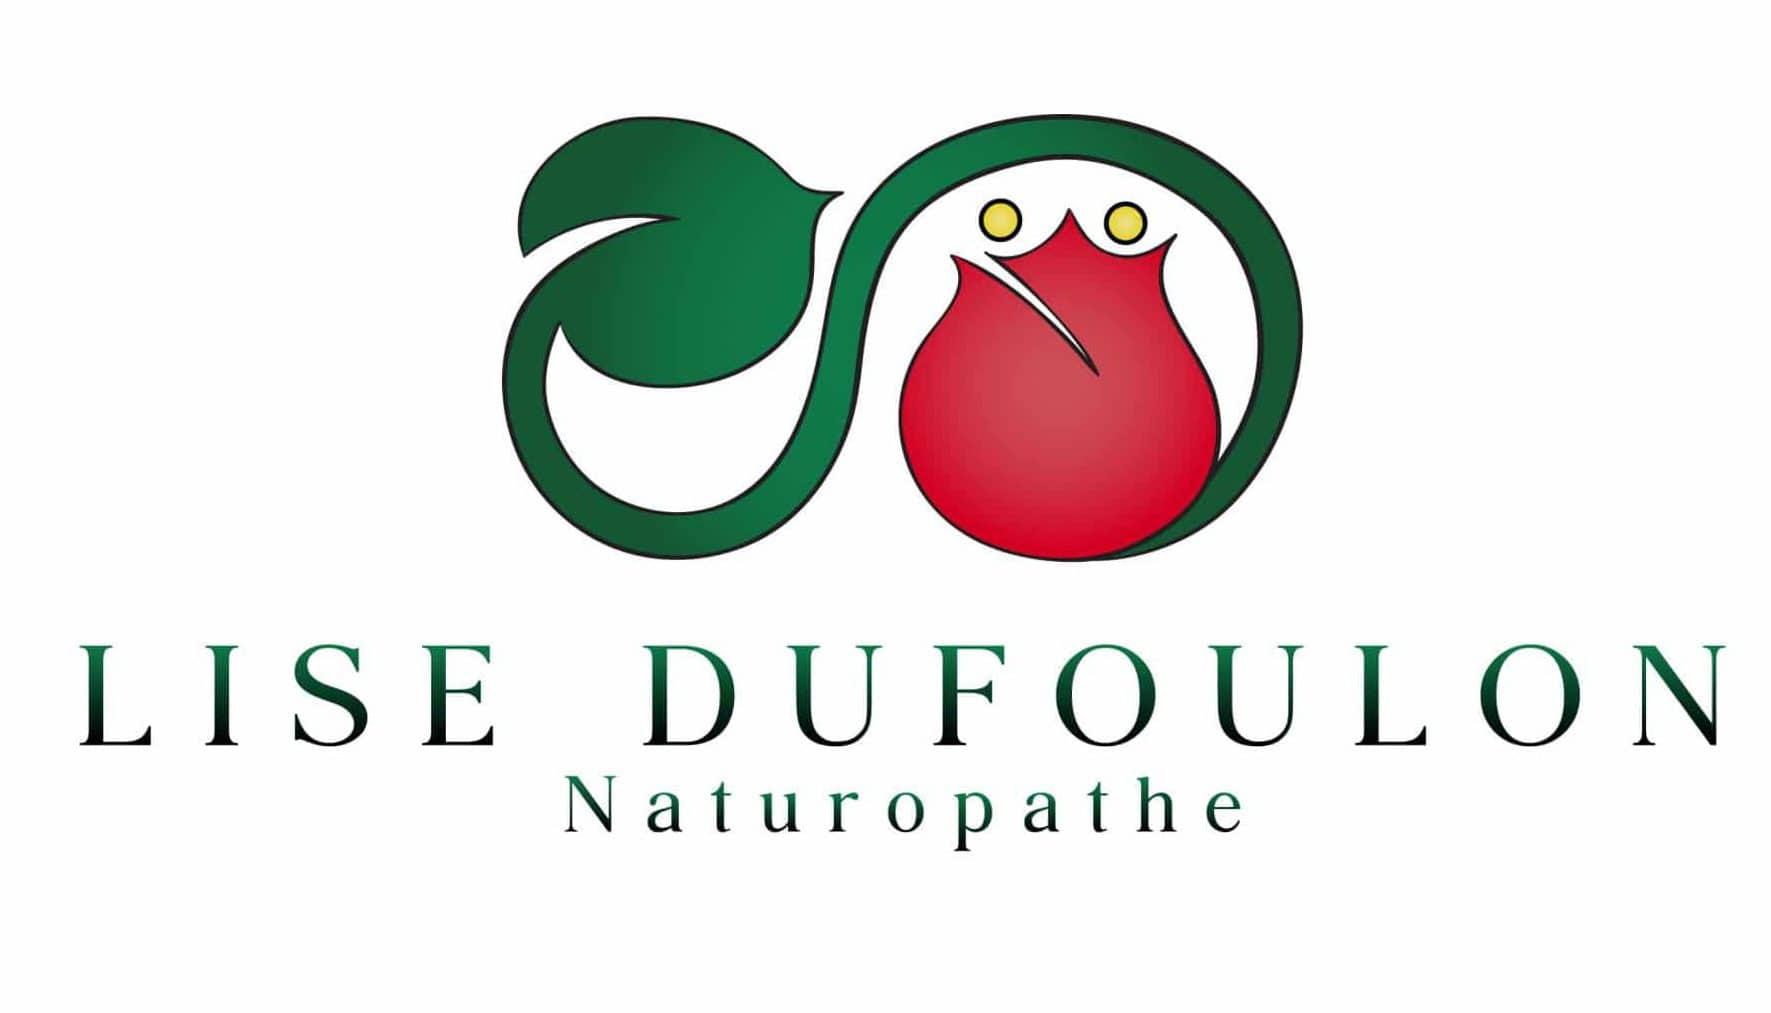 Logo couleur rouge et vert de la naturopathe Lise Dufoulon